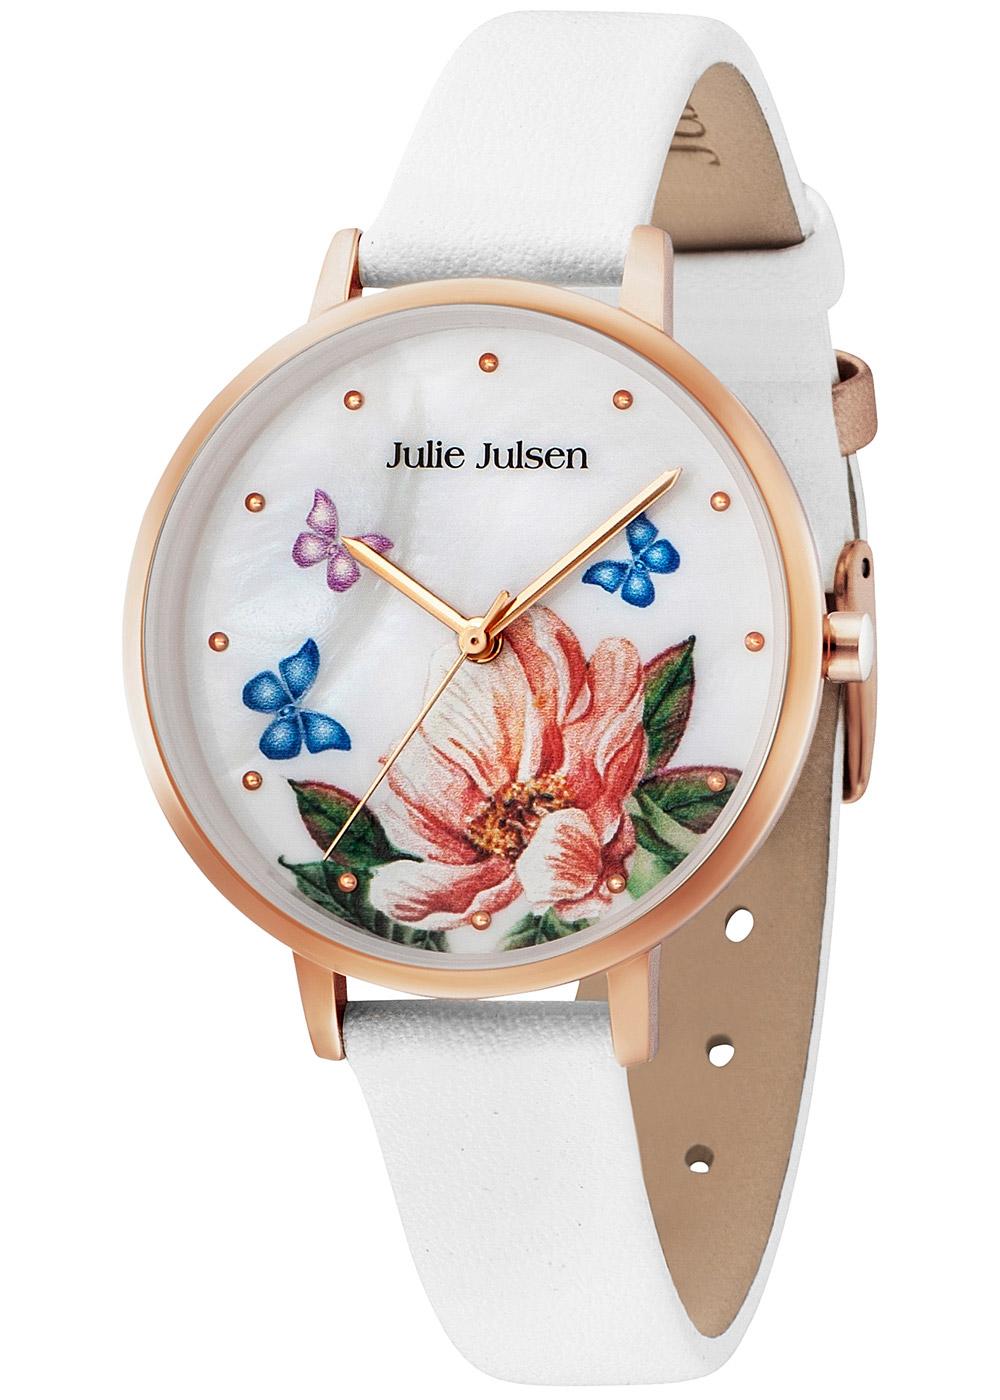 bei Uhrcenter: Julie Julsen JJW90RGL-9 Damenuhr Blume und Schmetterlinge - Damenuhr